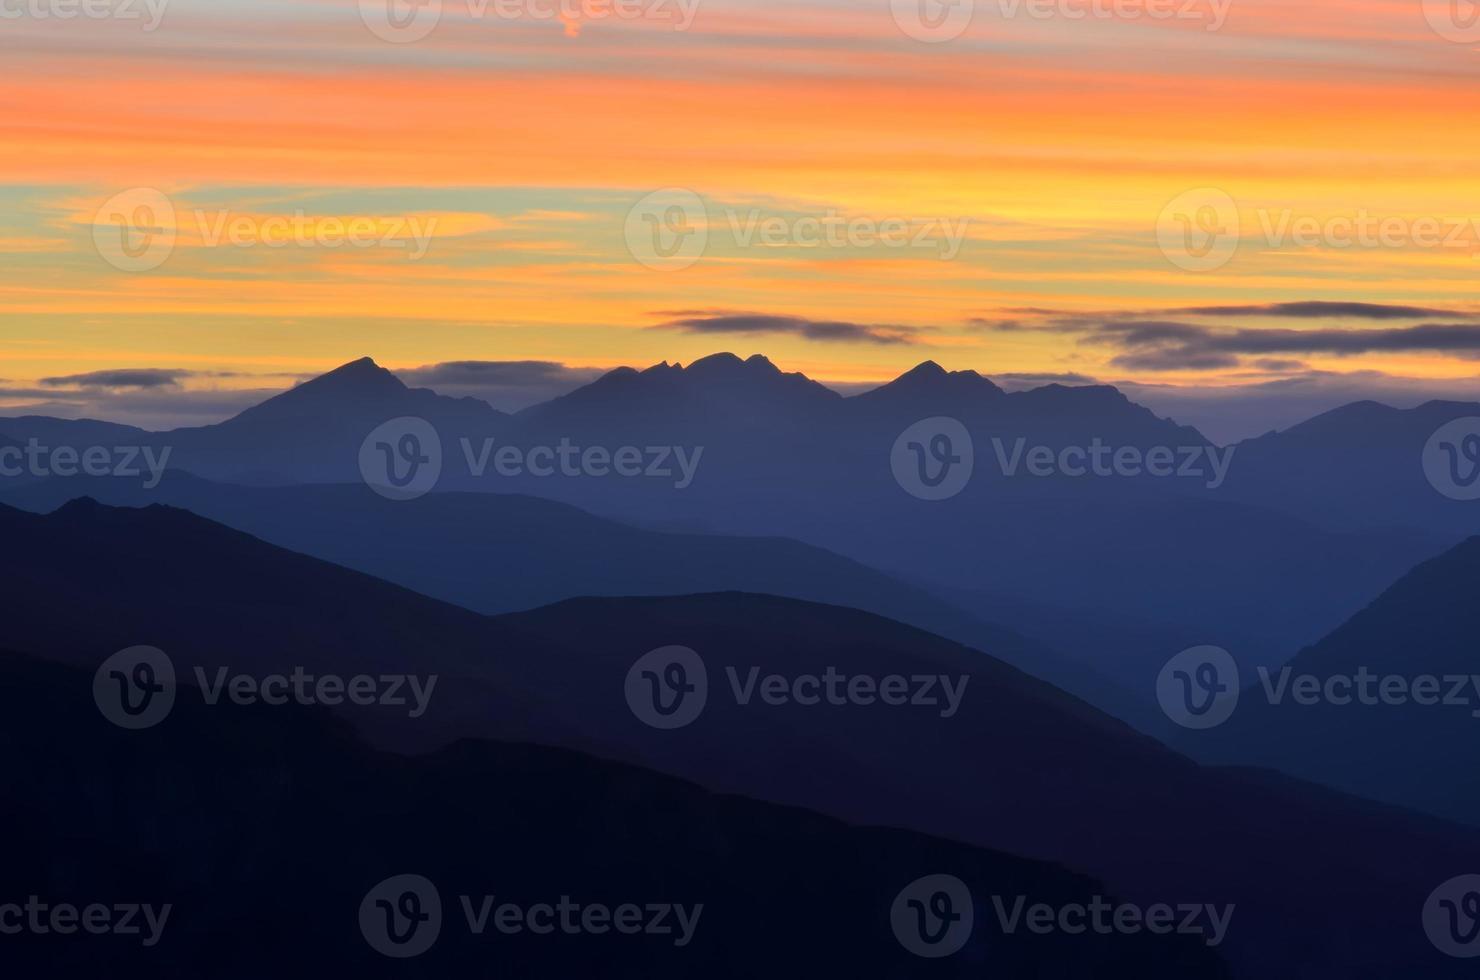 bergslandskap vid solnedgången. foto